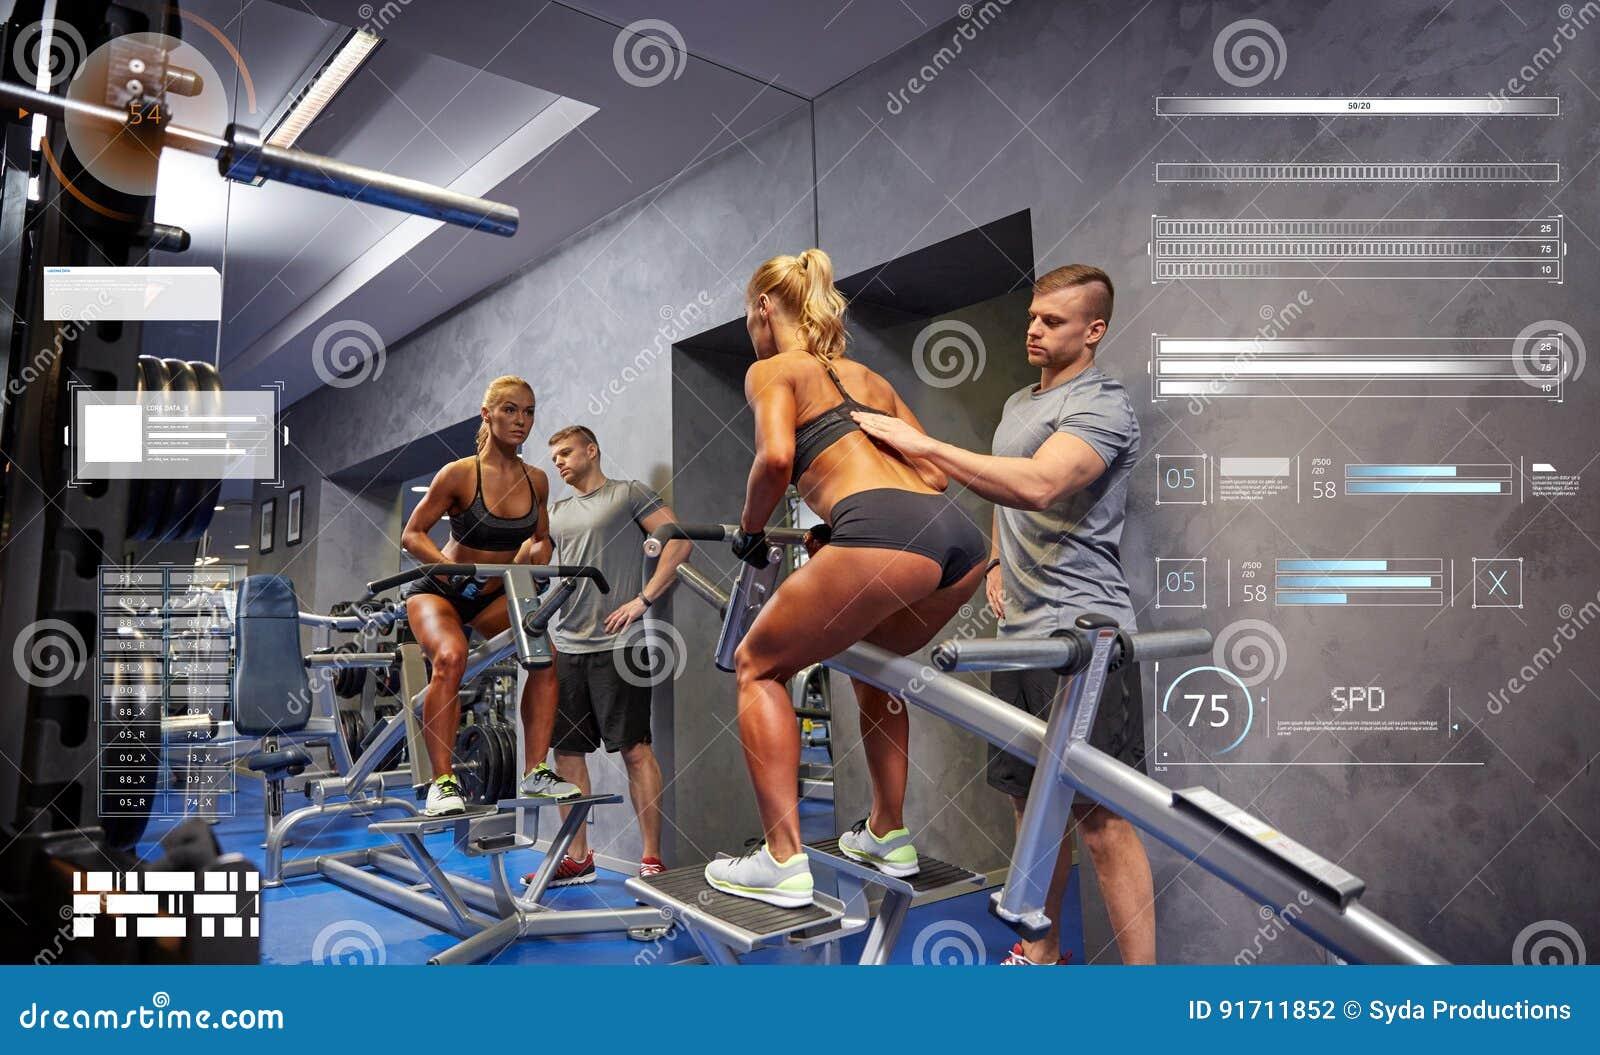 Mężczyzna i kobieta napina mięśnie na gym maszynie